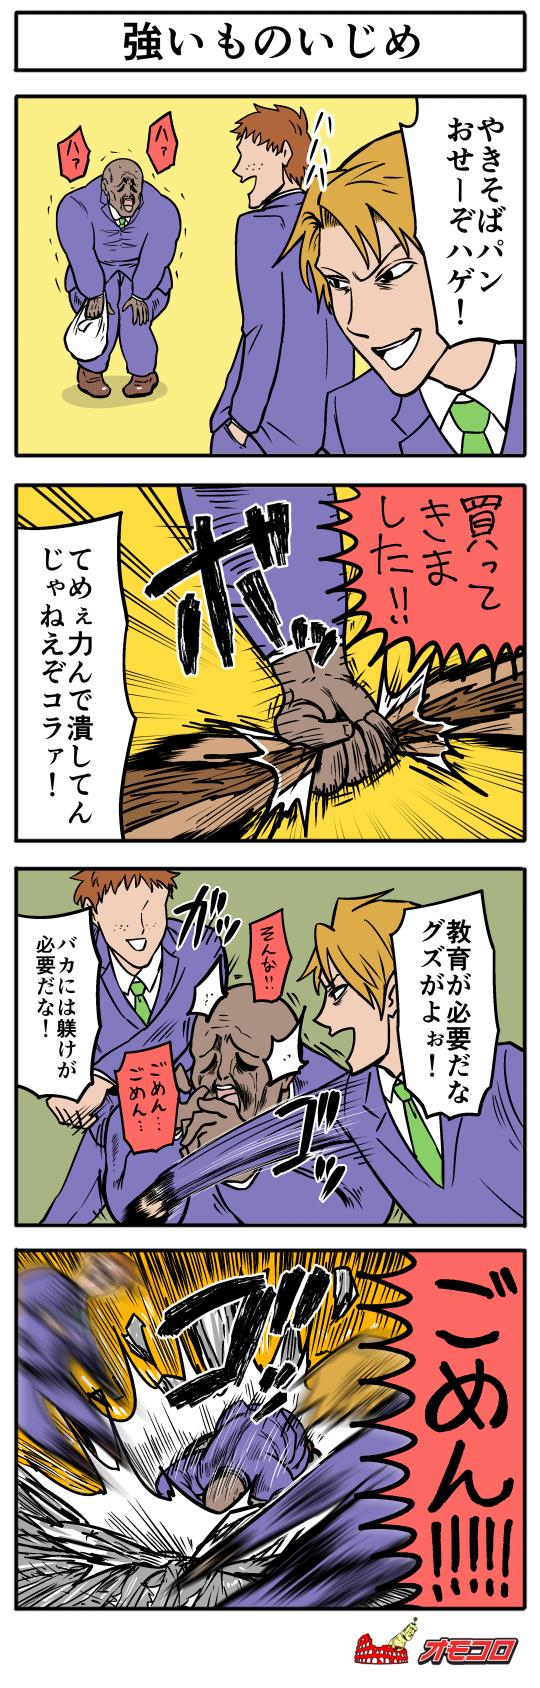 【4コマ漫画】強いものいじめ